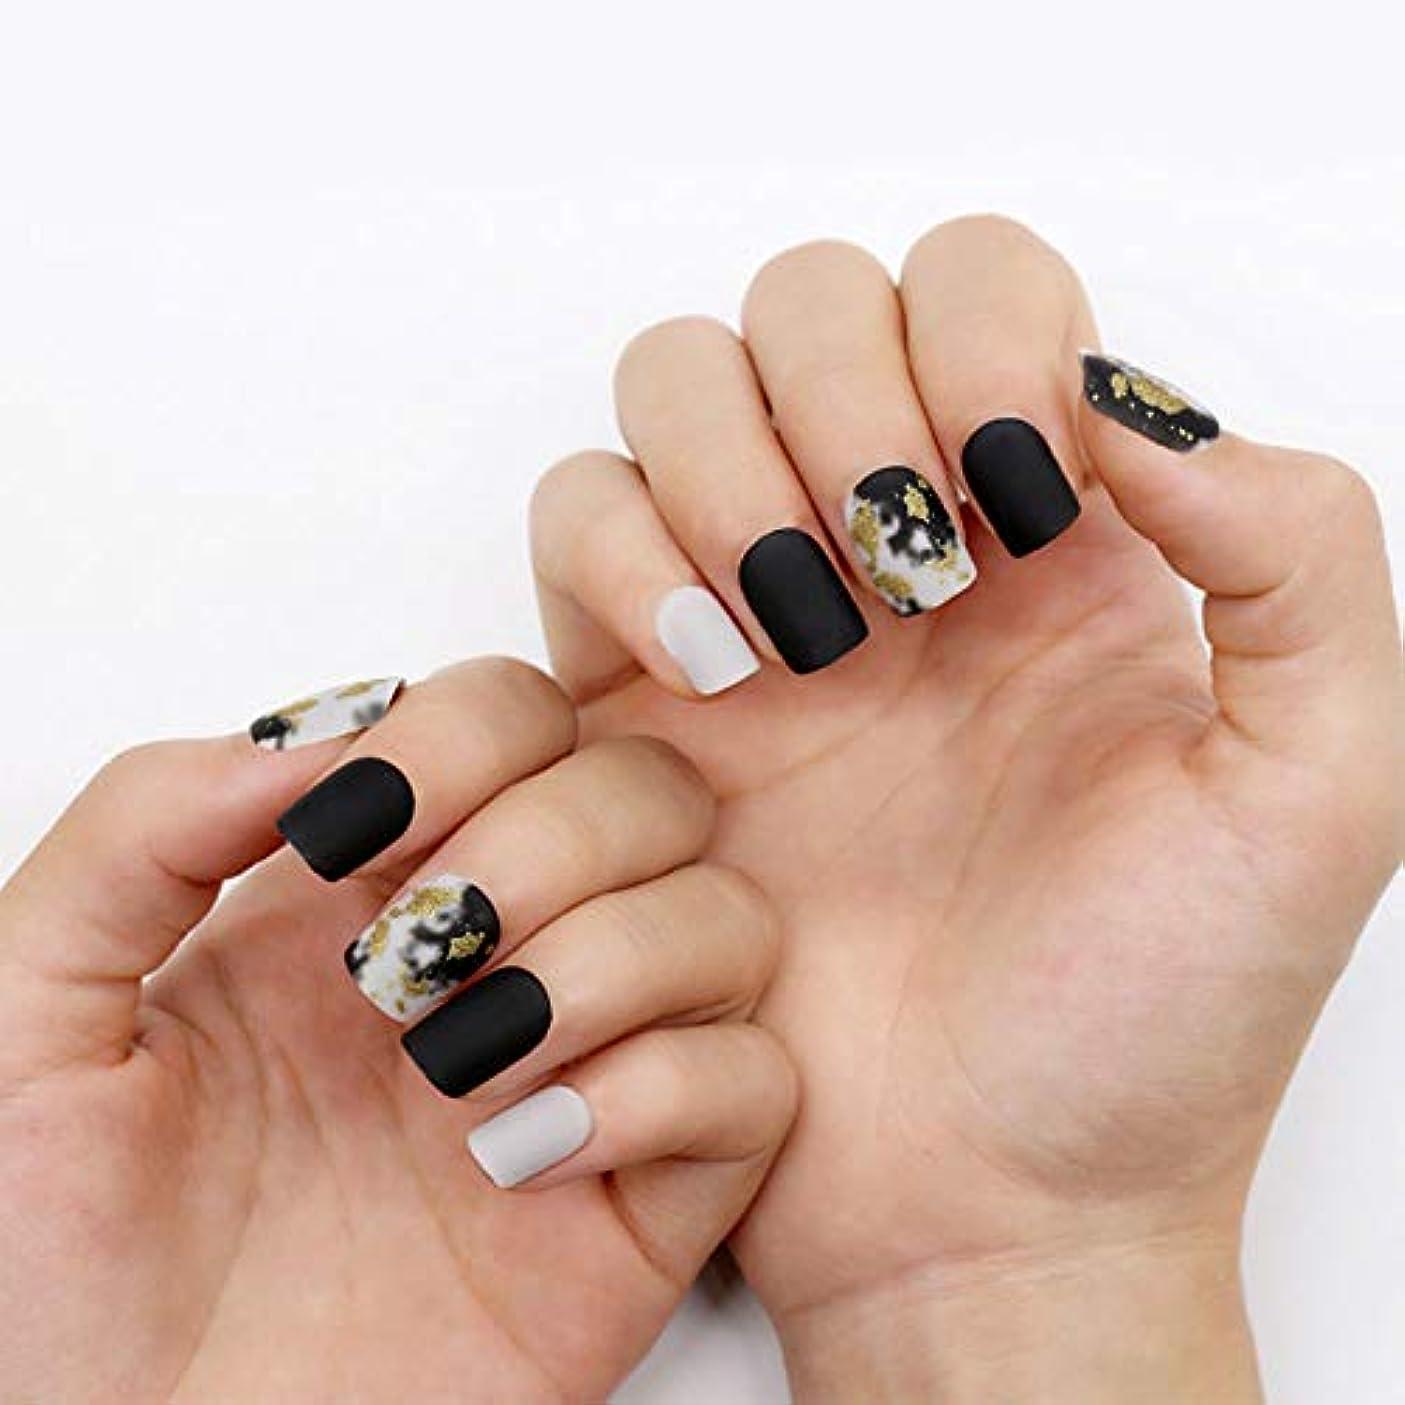 請求可能ベテランボーカルネイルチップ 12サイズ 夏の 優雅 黒 つけ爪 ネイル用品 ショート デコレーション 無地 付け爪